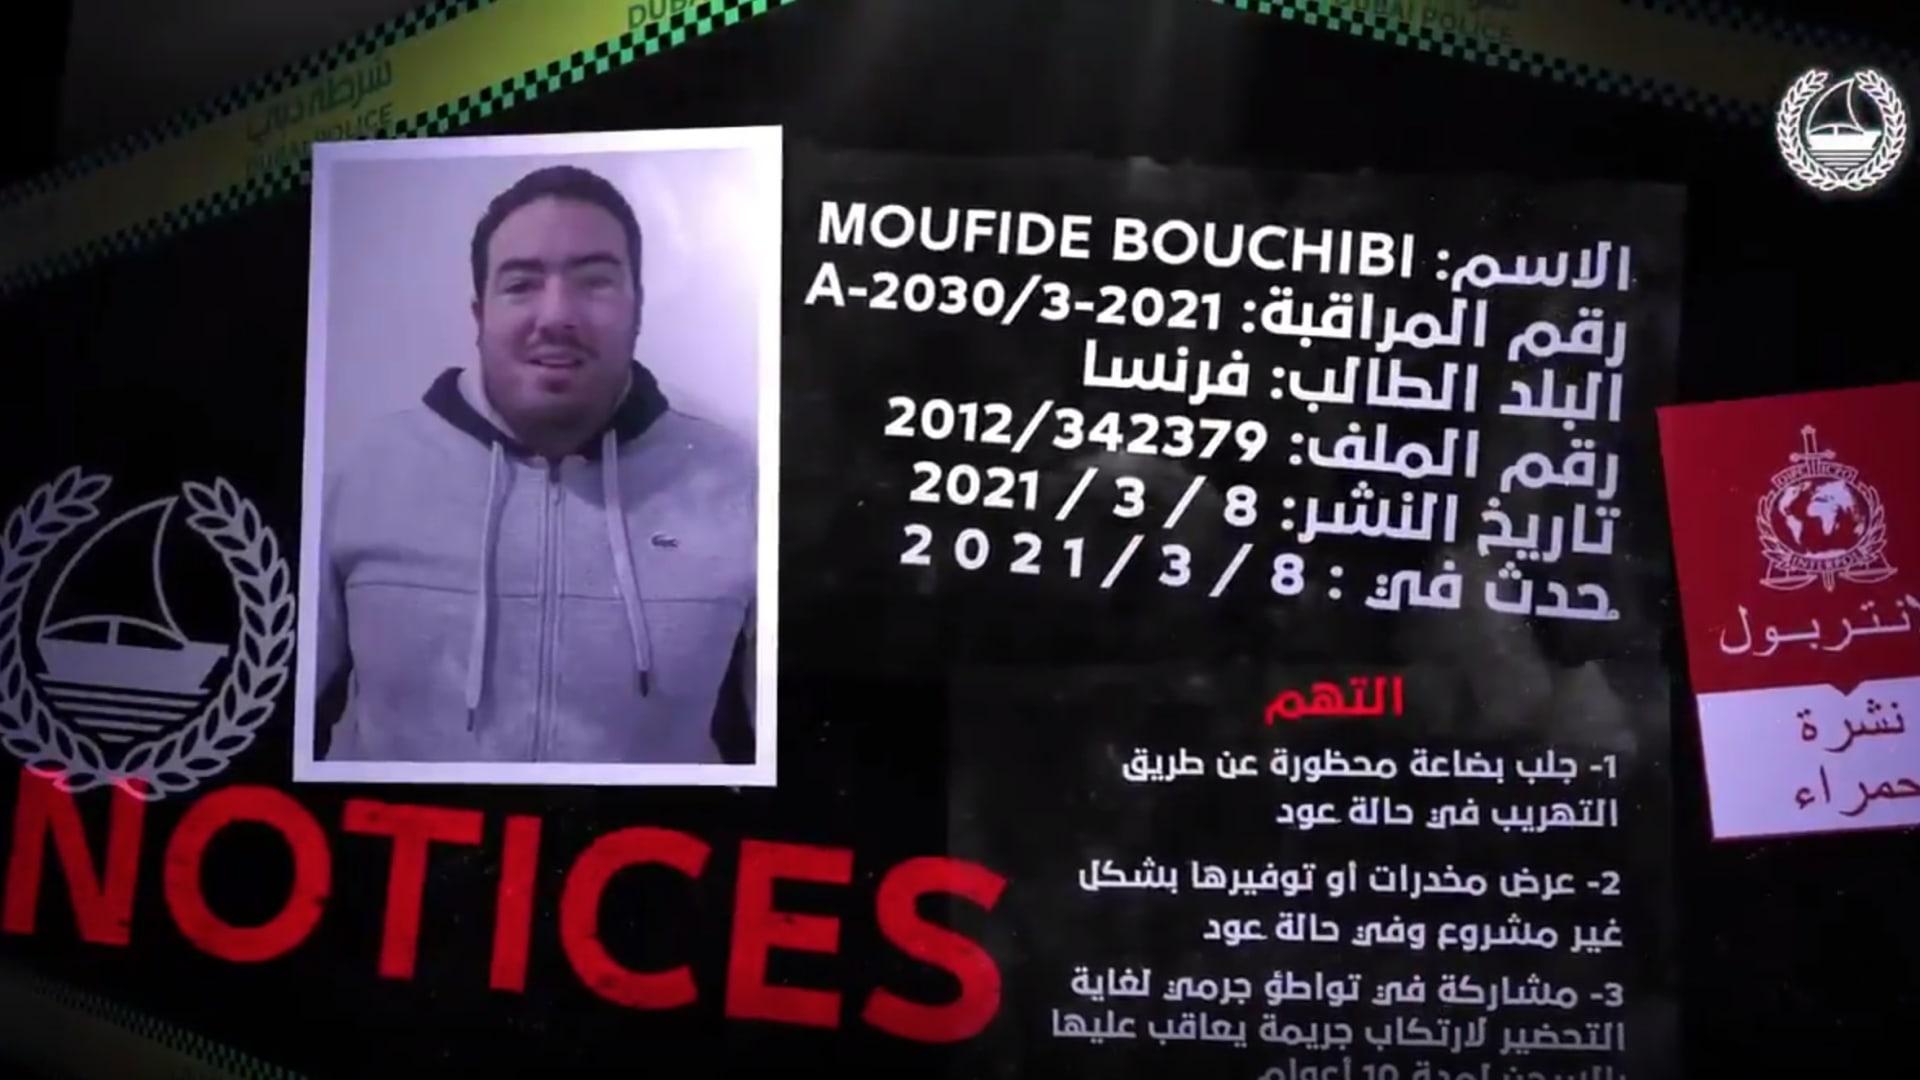 """شرطة دبي تعلن القبض على """"الشبح"""" رئيس مافيا تهريب المخدرات في فرنسا"""